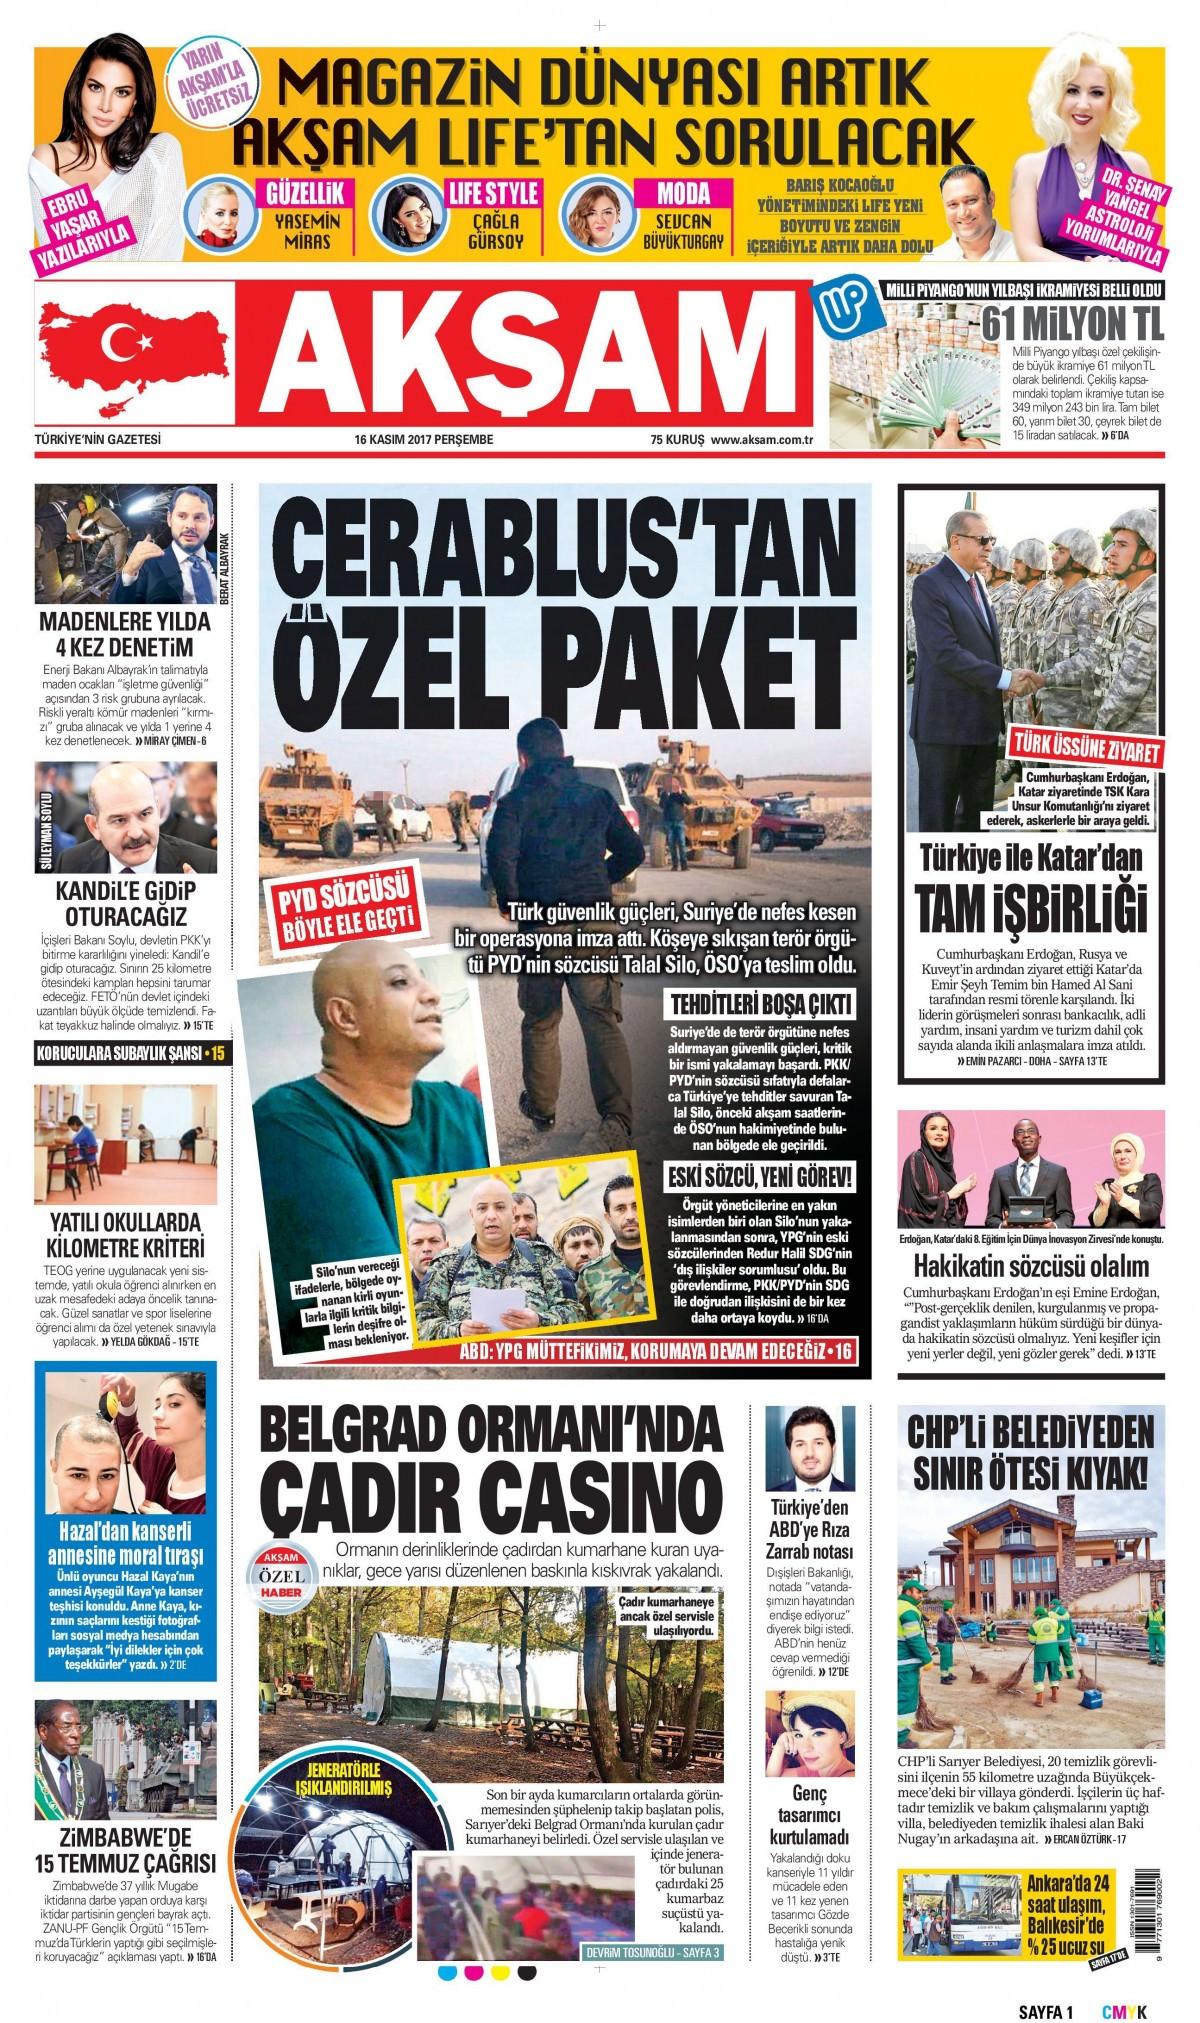 Günün gazete manşetleri (16 Kasım 2017) 7